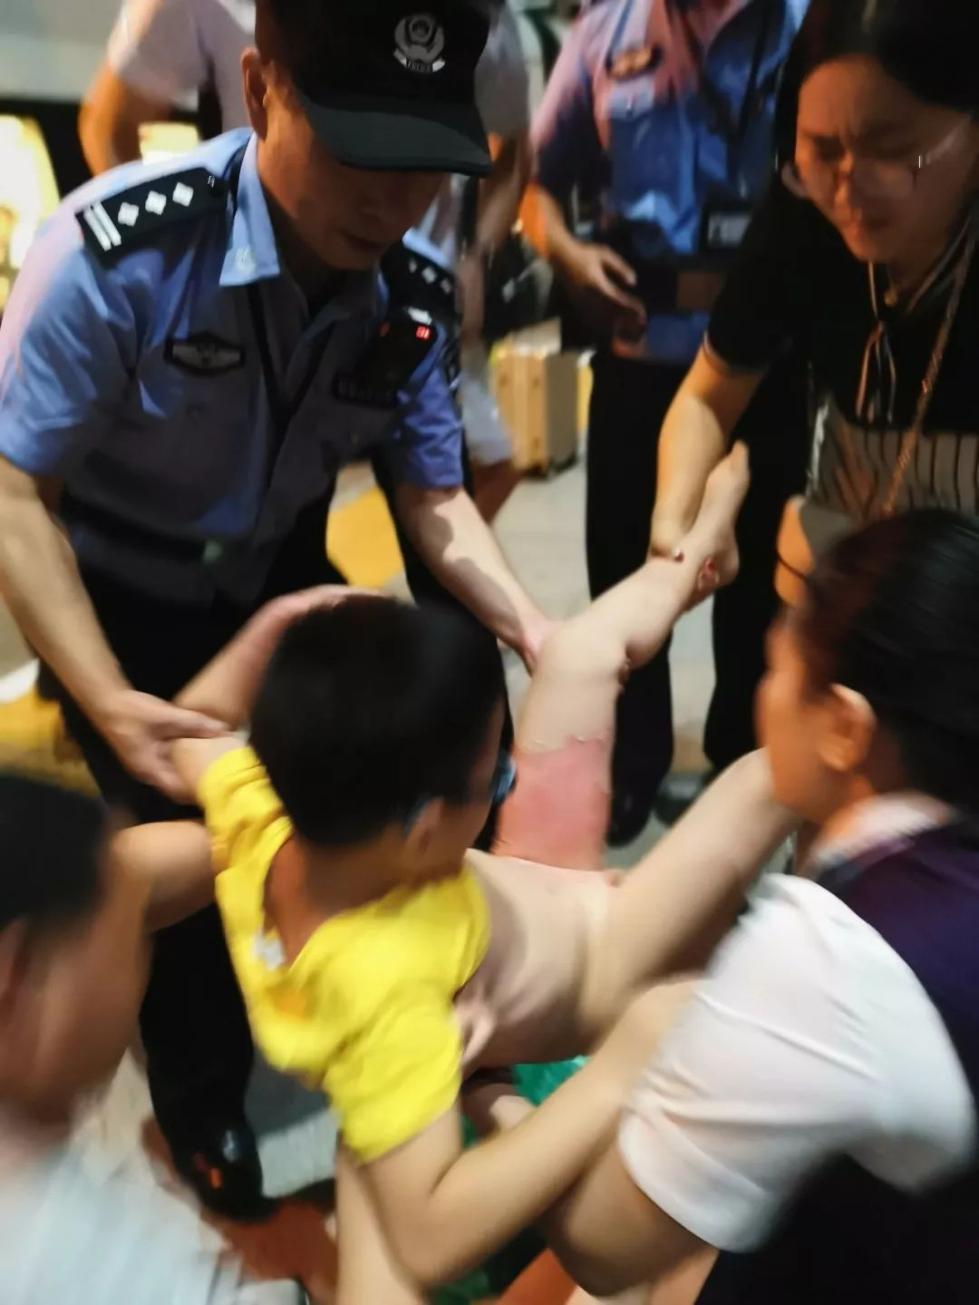 紧急!高铁上,8岁男童被开水严重烫伤!家长这个操作却造成二次伤害!